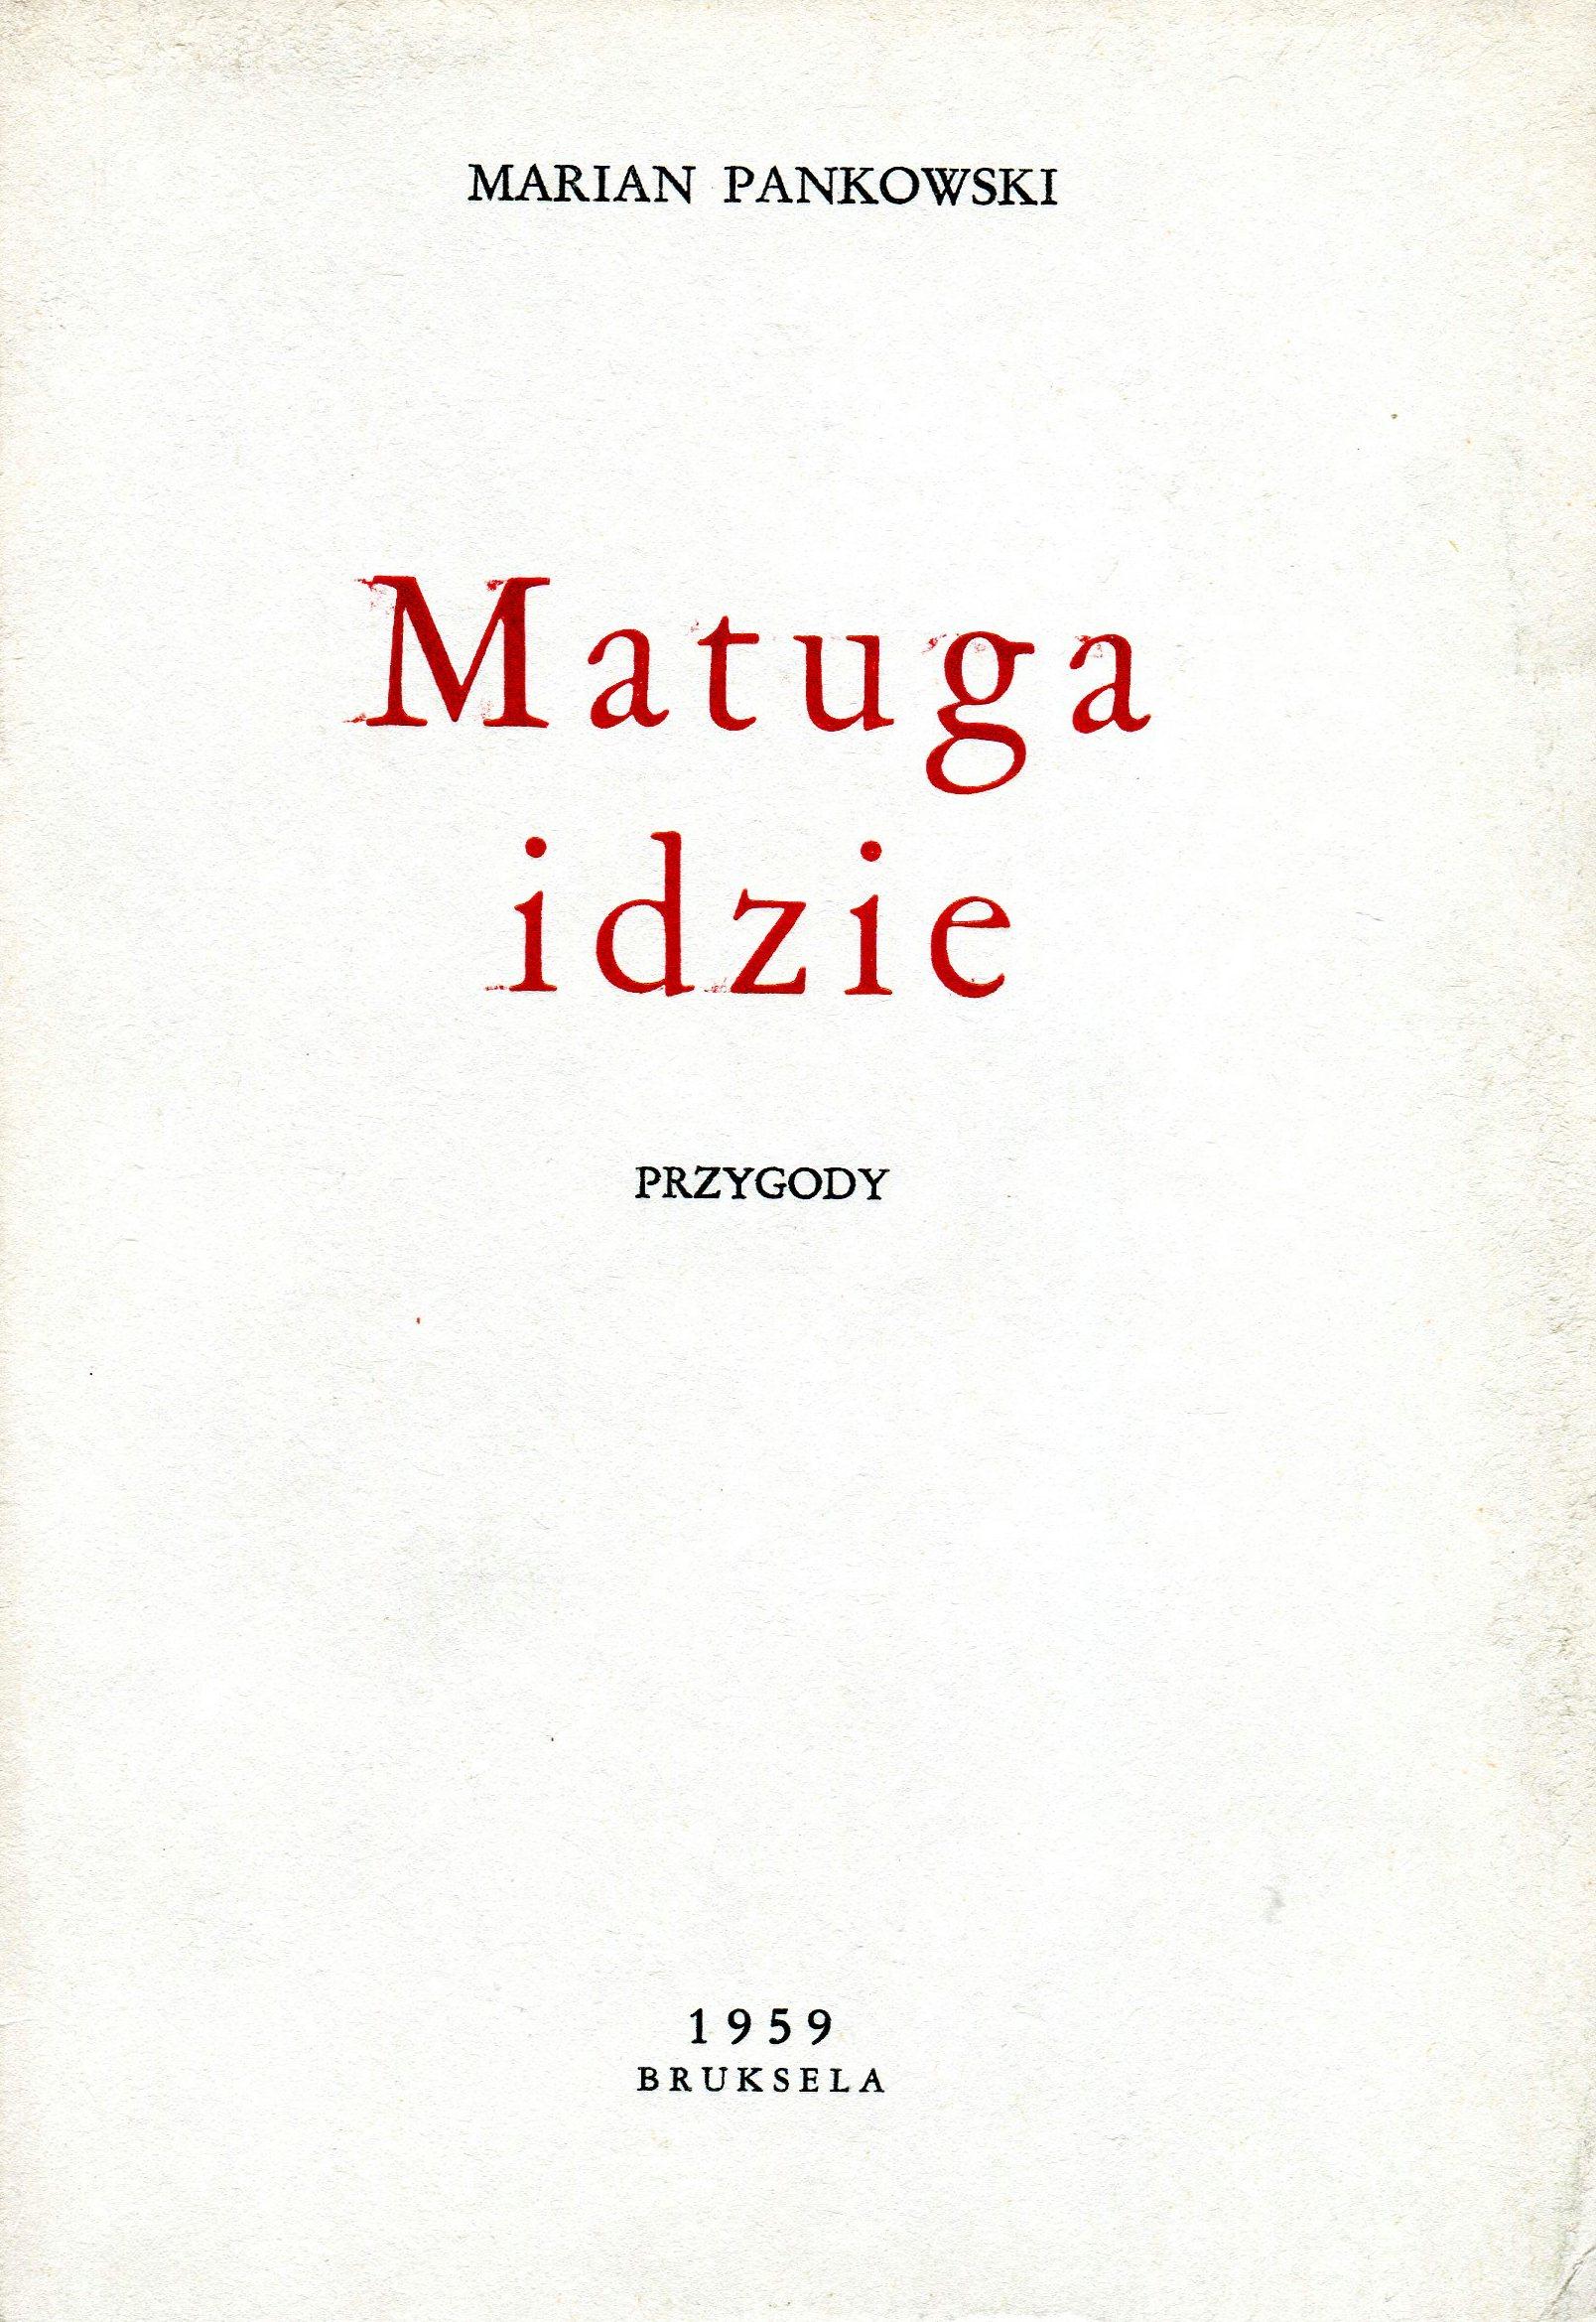 <div class='inner-box'><div class='close-desc'></div><span class='opis'>&quot;Matuga idzie&quot; - powieść Mariana Pankowskiego ukazała się w Brukseli w 1959 r. nakładem pisarza. Książkę można było kupić wyłącznie u autora, nie była dostępna w księgarniach.</span><div class='clearfix'></div><span>Sygn. sm00177</span><div class='clearfix'></div><span>&copy; Instytut Literacki</span></div>